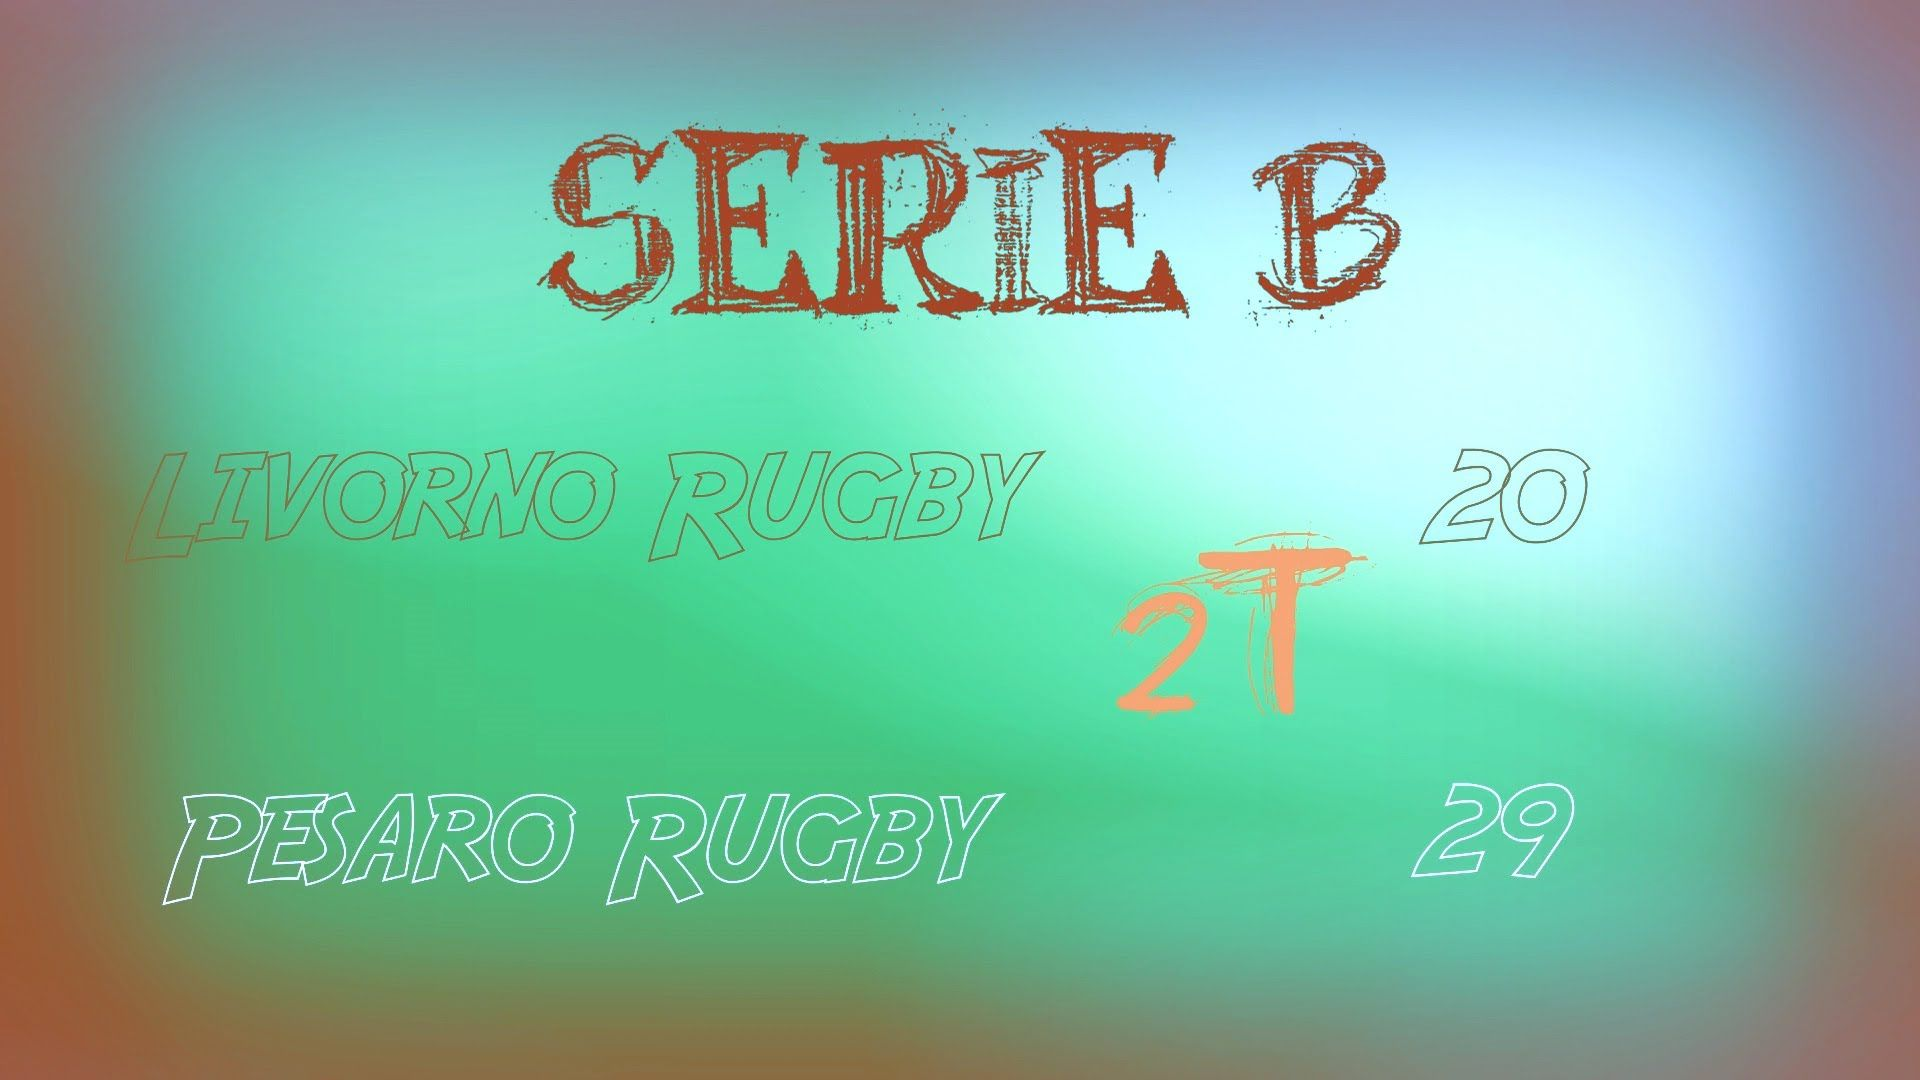 #SerieB - 1T - 09/03/14 - #Livorno #Rugby Vs  #Pesaro #Rugby  Segui Ilboccatv: http://www.youtube.com/user/IlBoccaTV Che cosa ne pensi di questi canali?..iscriviti a quelli che ti piacciono !..è un modo per supportare la tua squadra! http://www.youtube.com/user/WeUSETV http://www.youtube.com/user/Livornorugbytv http://www.youtube.com/user/cagerocktv http://www.youtube.com/user/TresMusicChannel http://www.youtube.com/user/TerrapuraTV http://www.youtube.com/user/EtruschiFootball